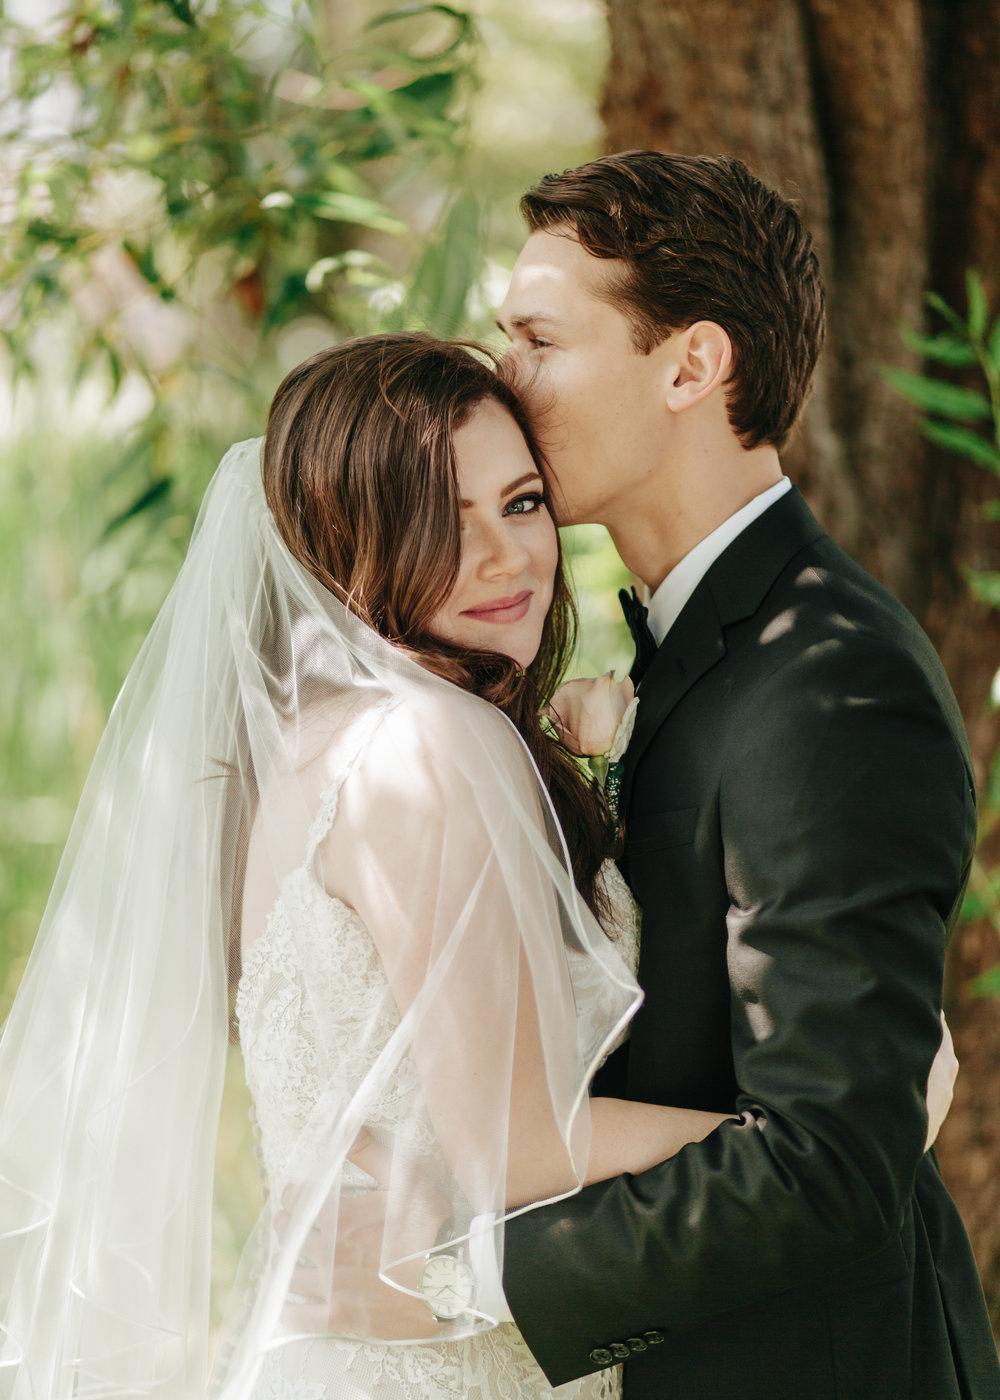 herafilms_jen_emmanuel_wedding_hera_selects-19.jpg